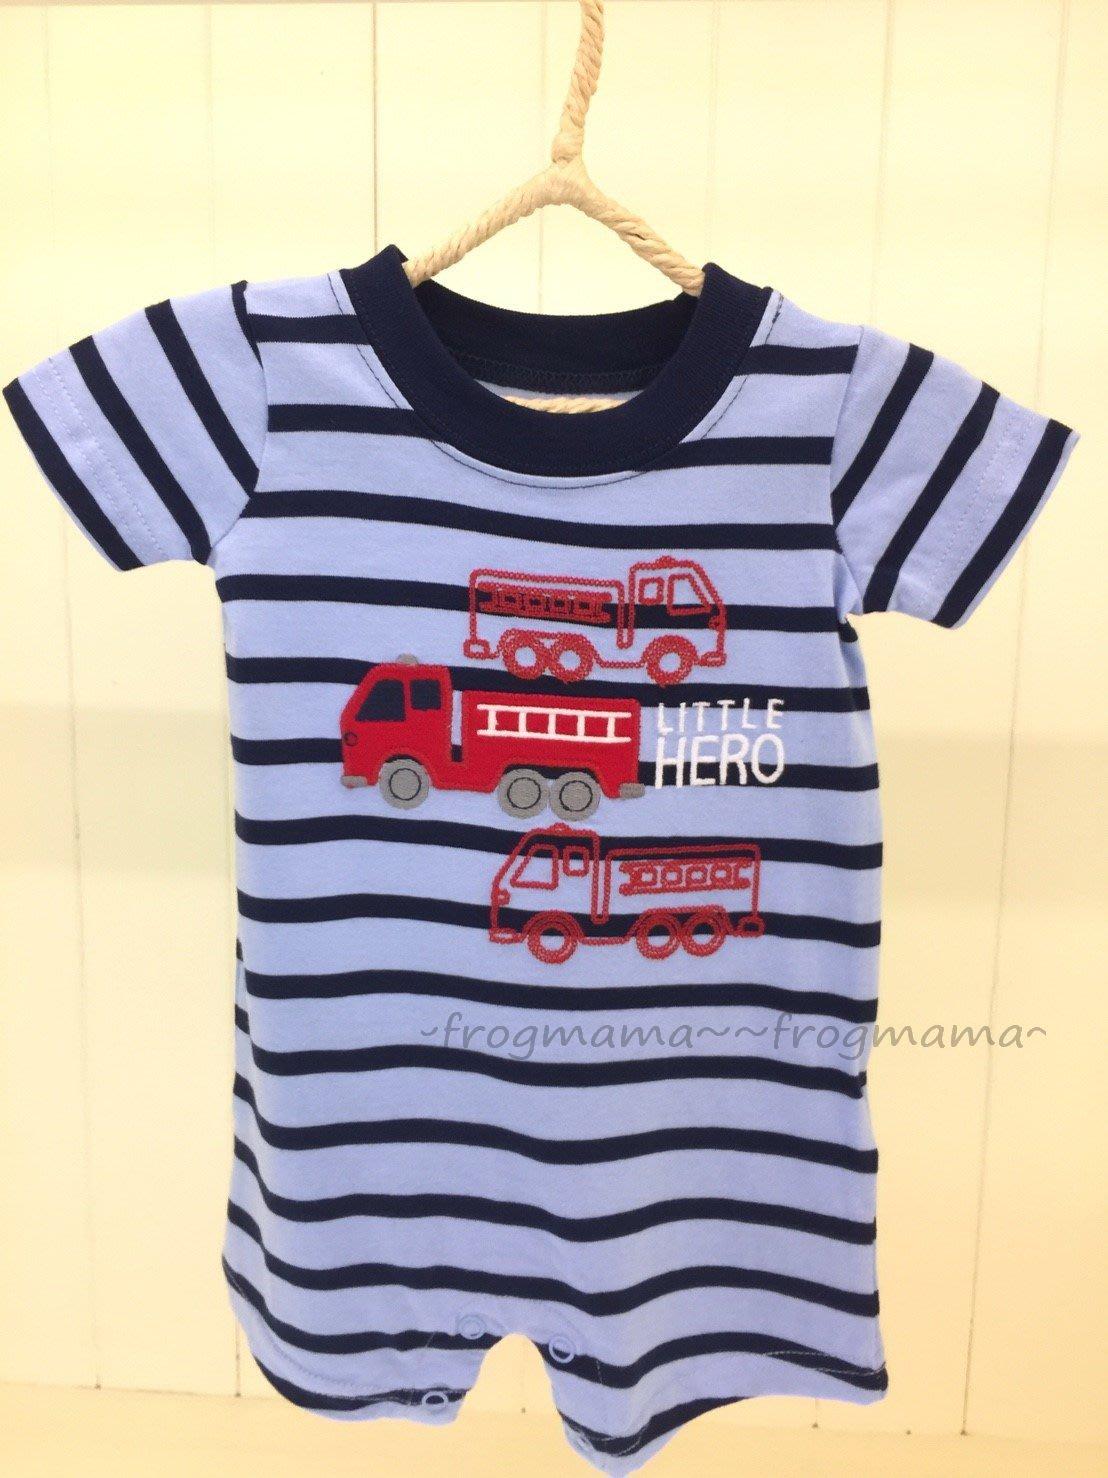 ☆青蛙媽媽☆卡特條紋消防車連身衣nb.18m.24m